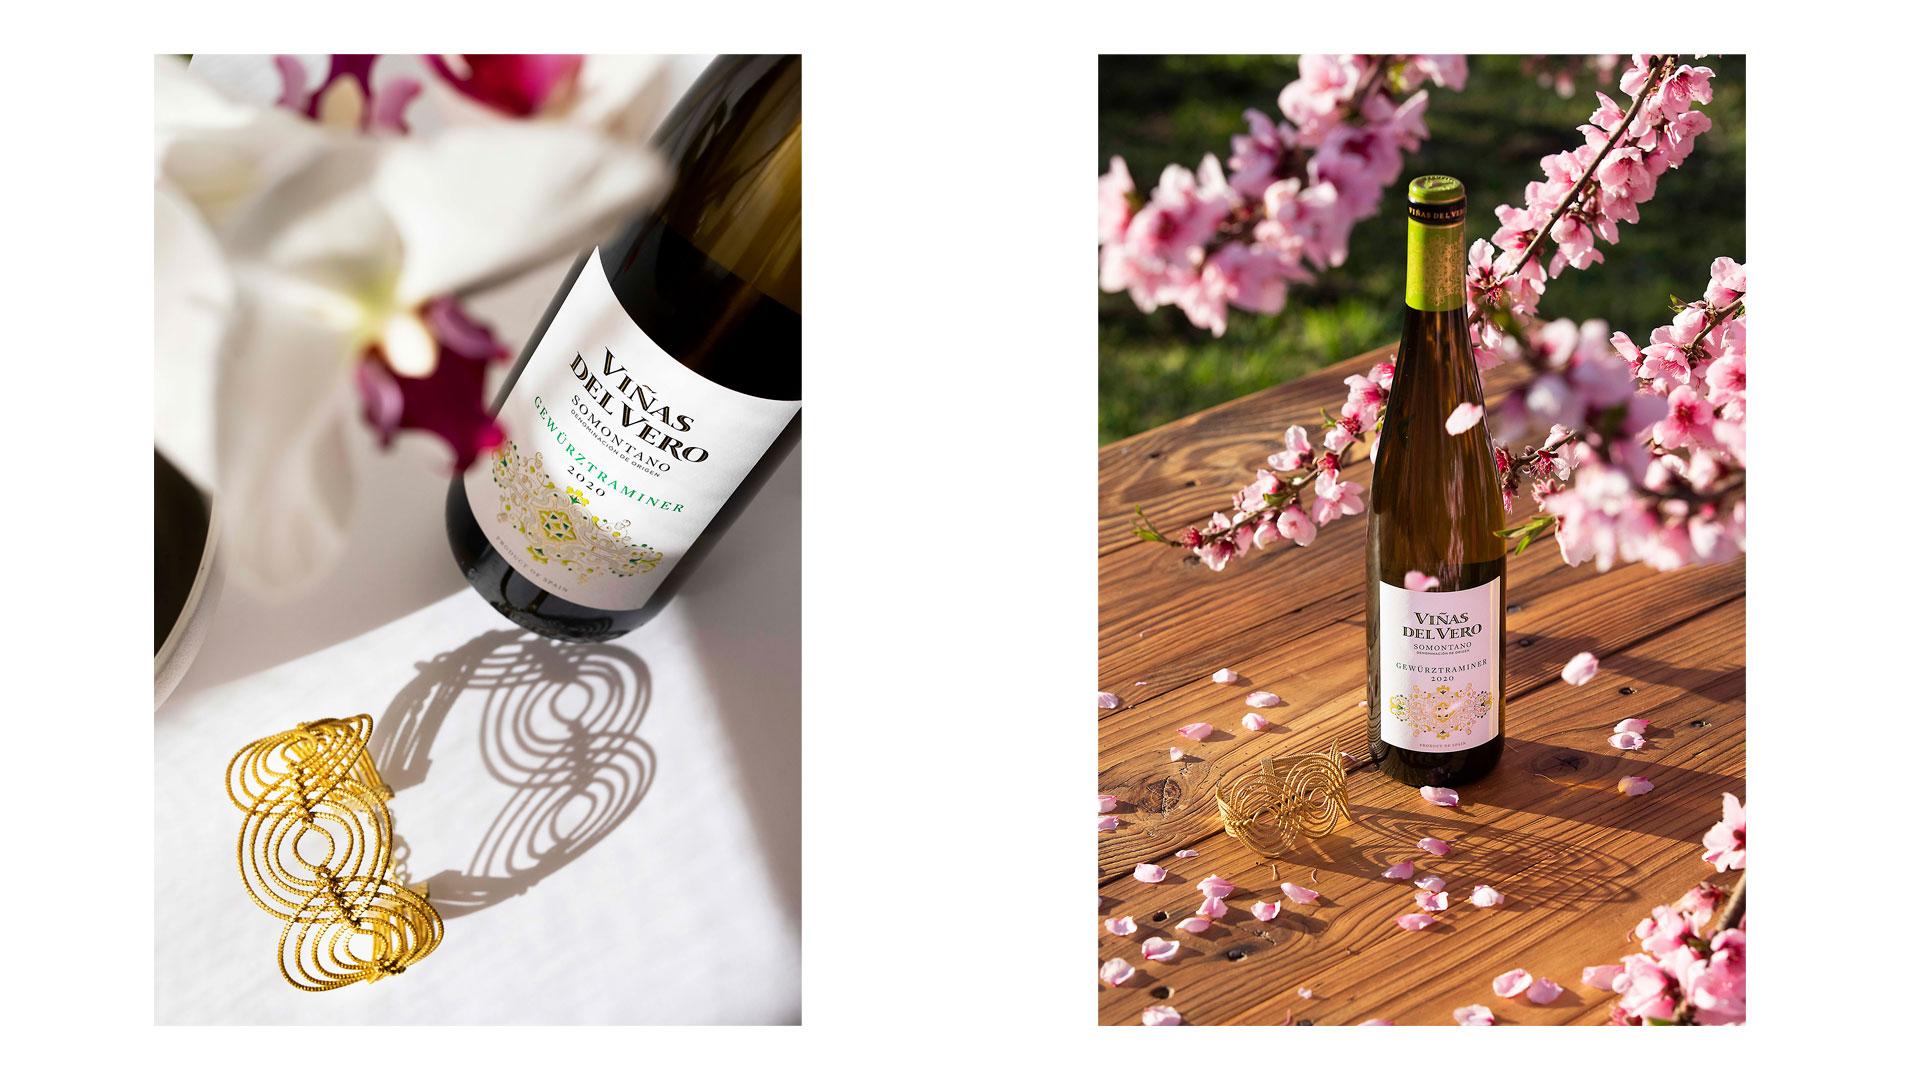 Imagen del vino Viñas del Vero Gewürztraminer